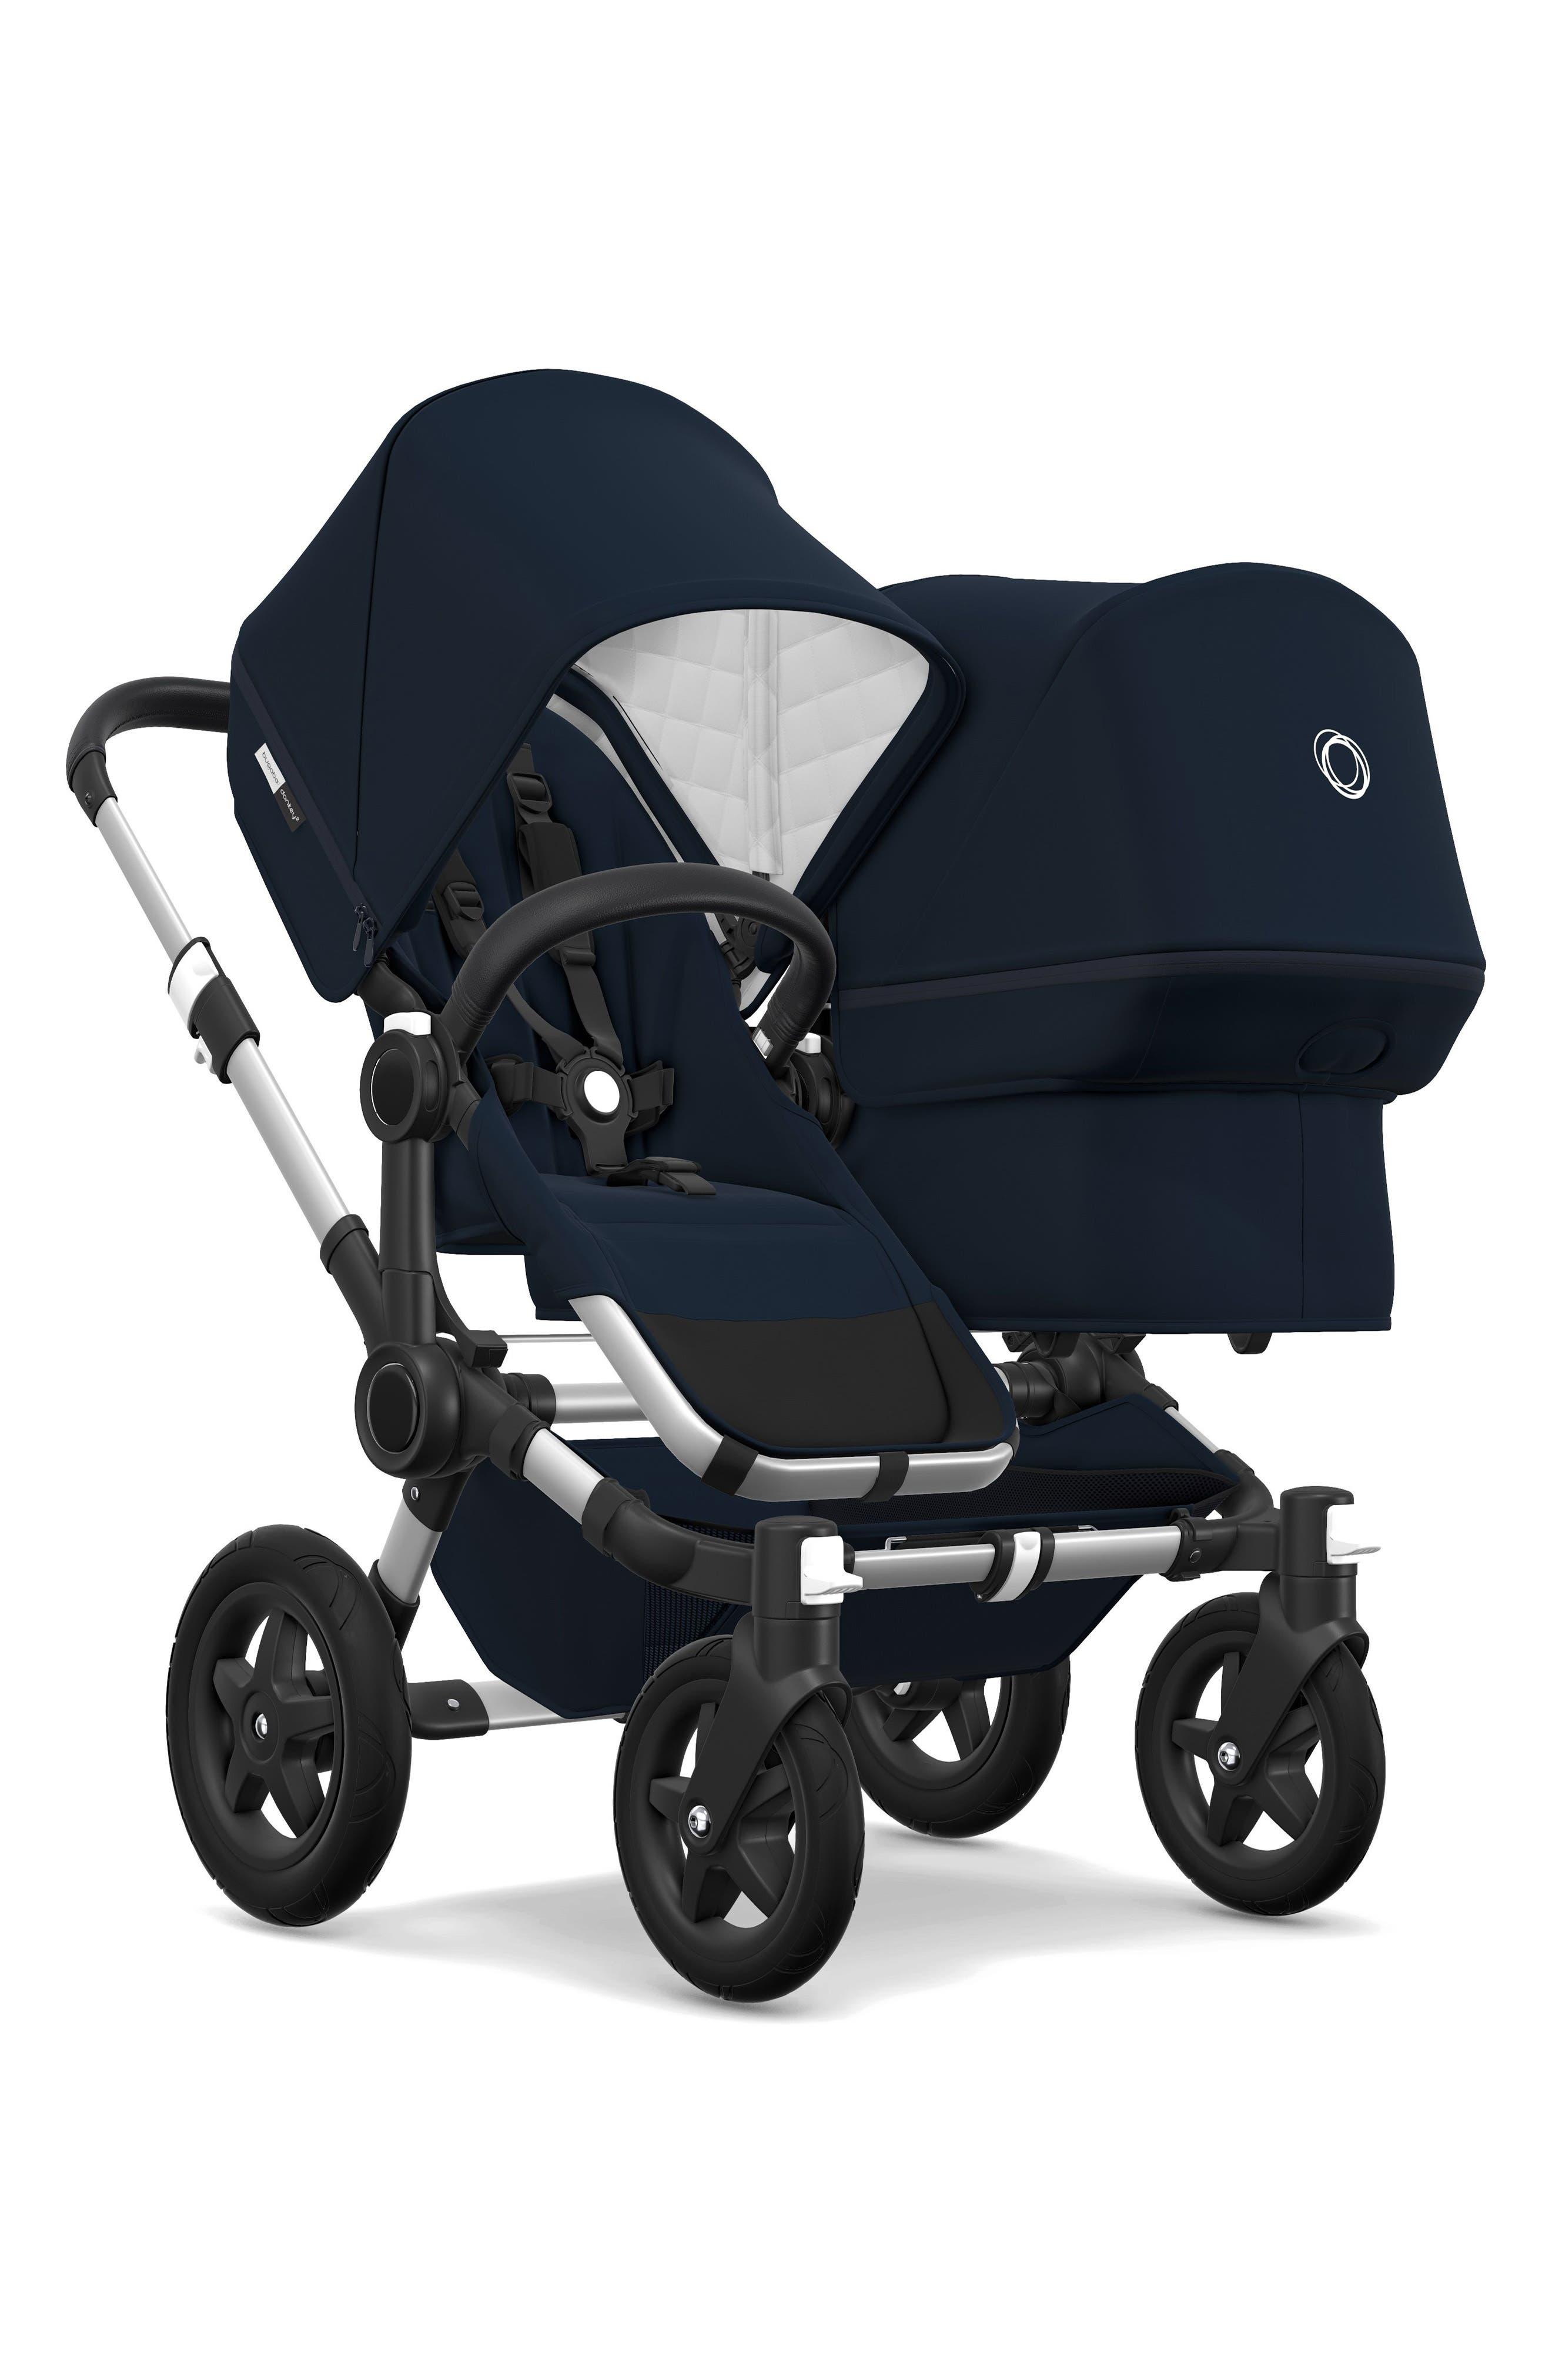 Frame Seat Extension for Donkey2 Stroller,                             Alternate thumbnail 2, color,                             Navy/ Aluminum